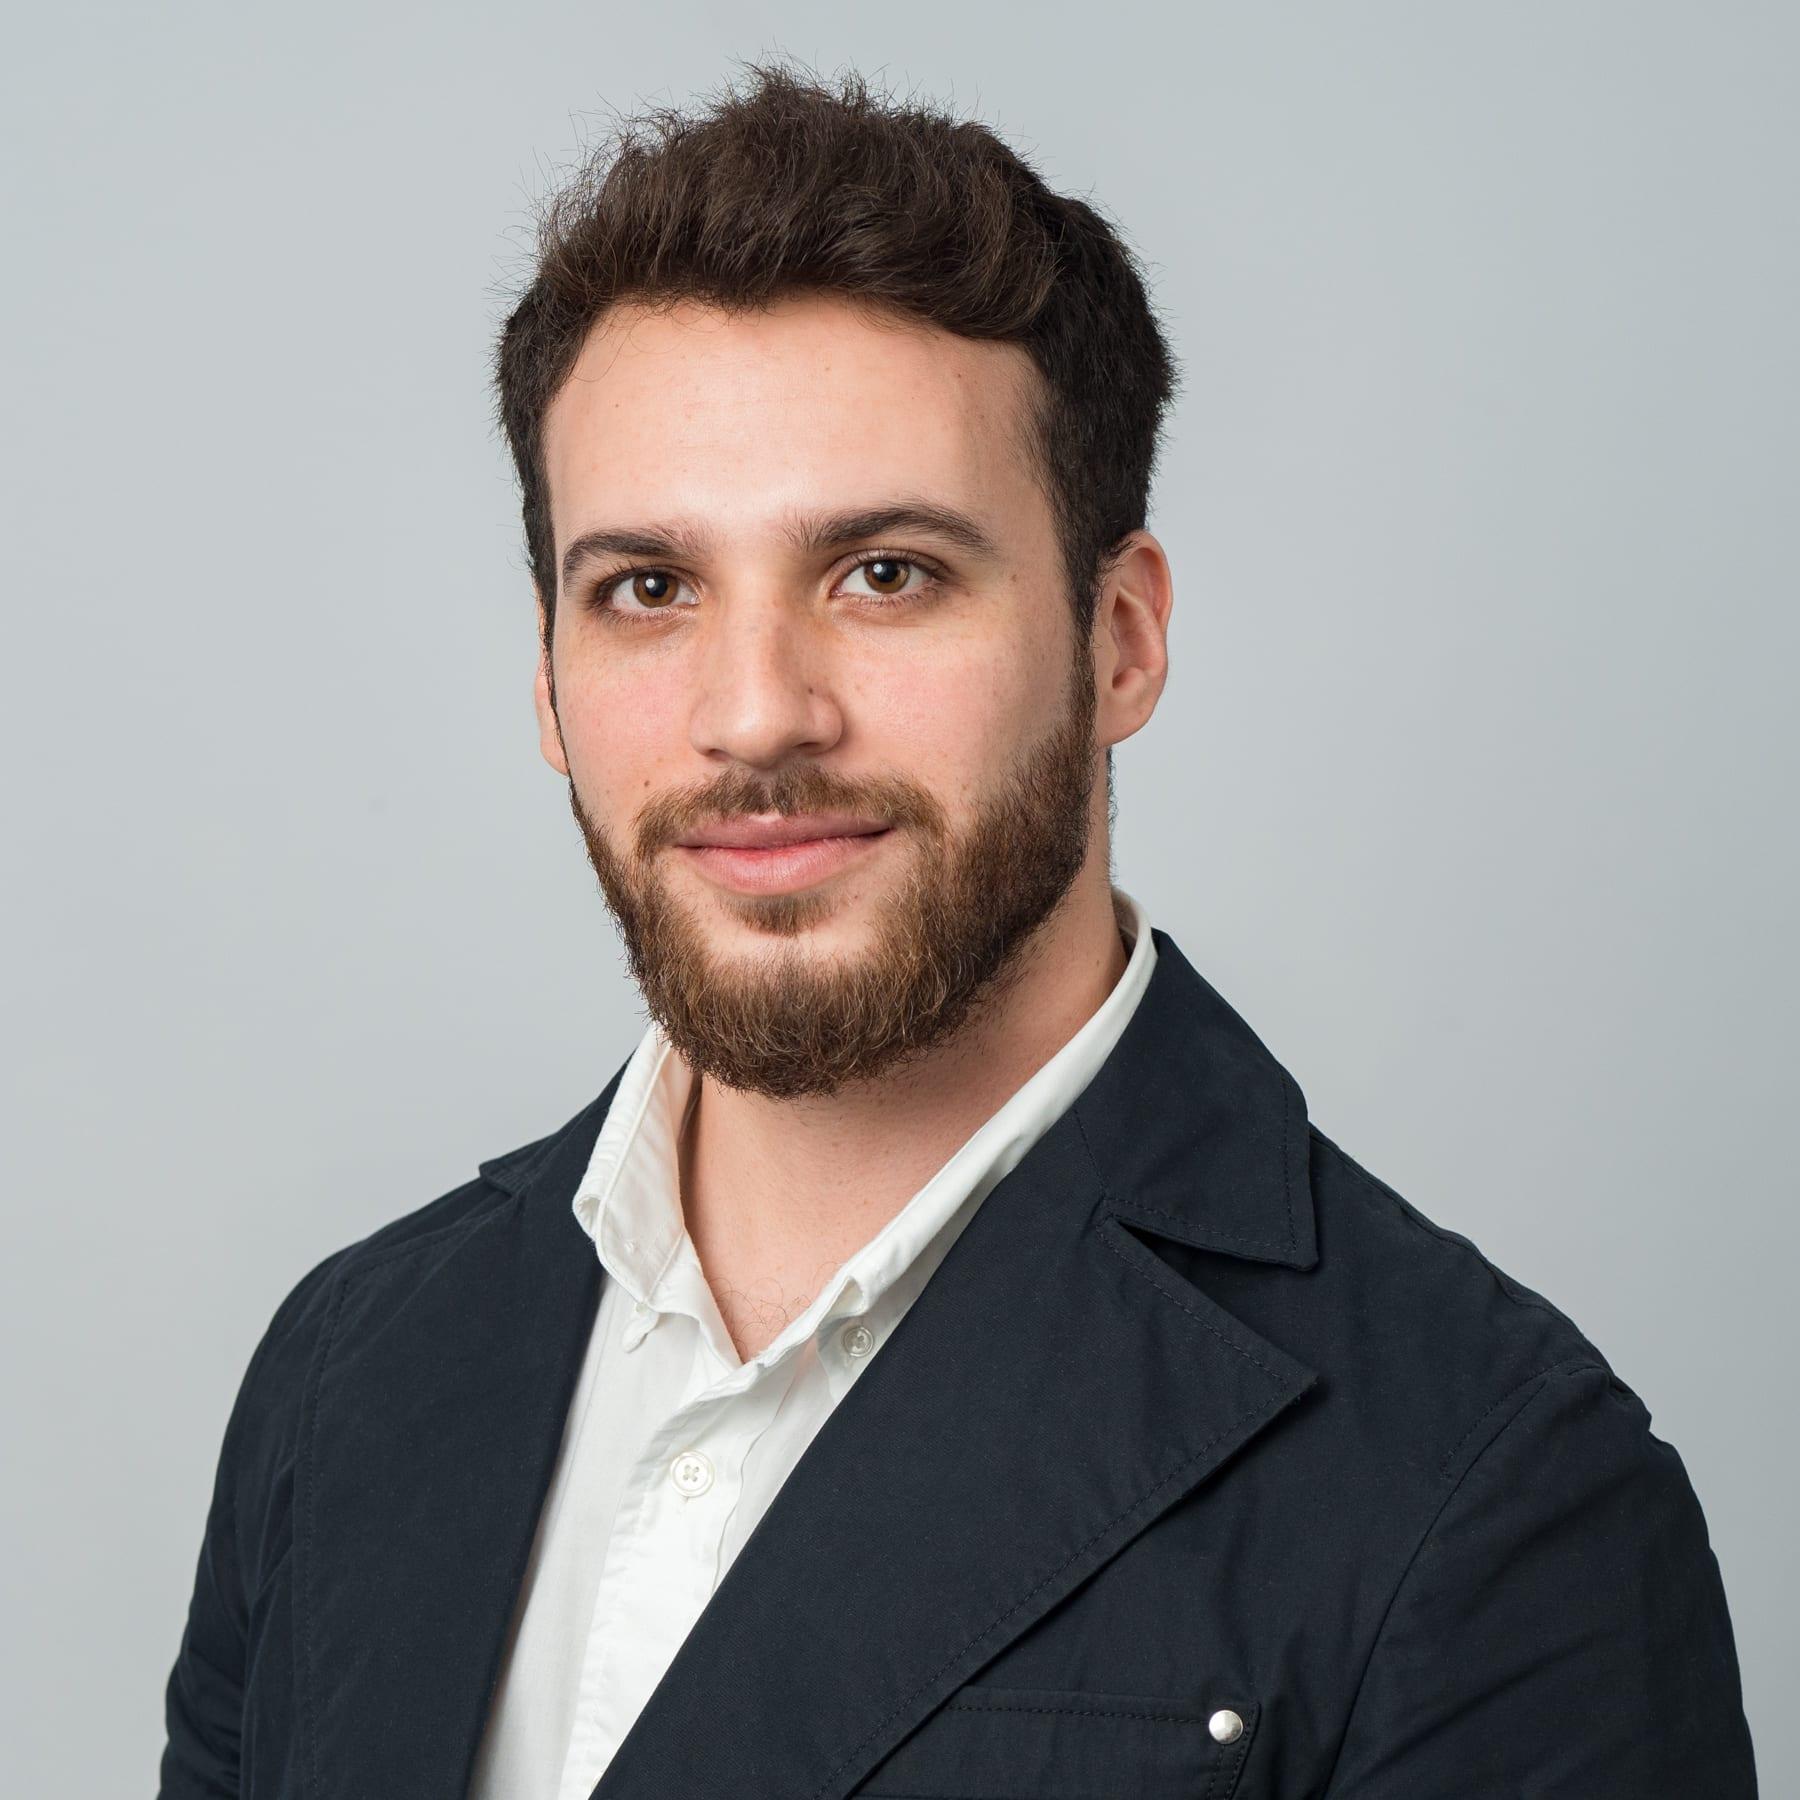 Xavier Granda